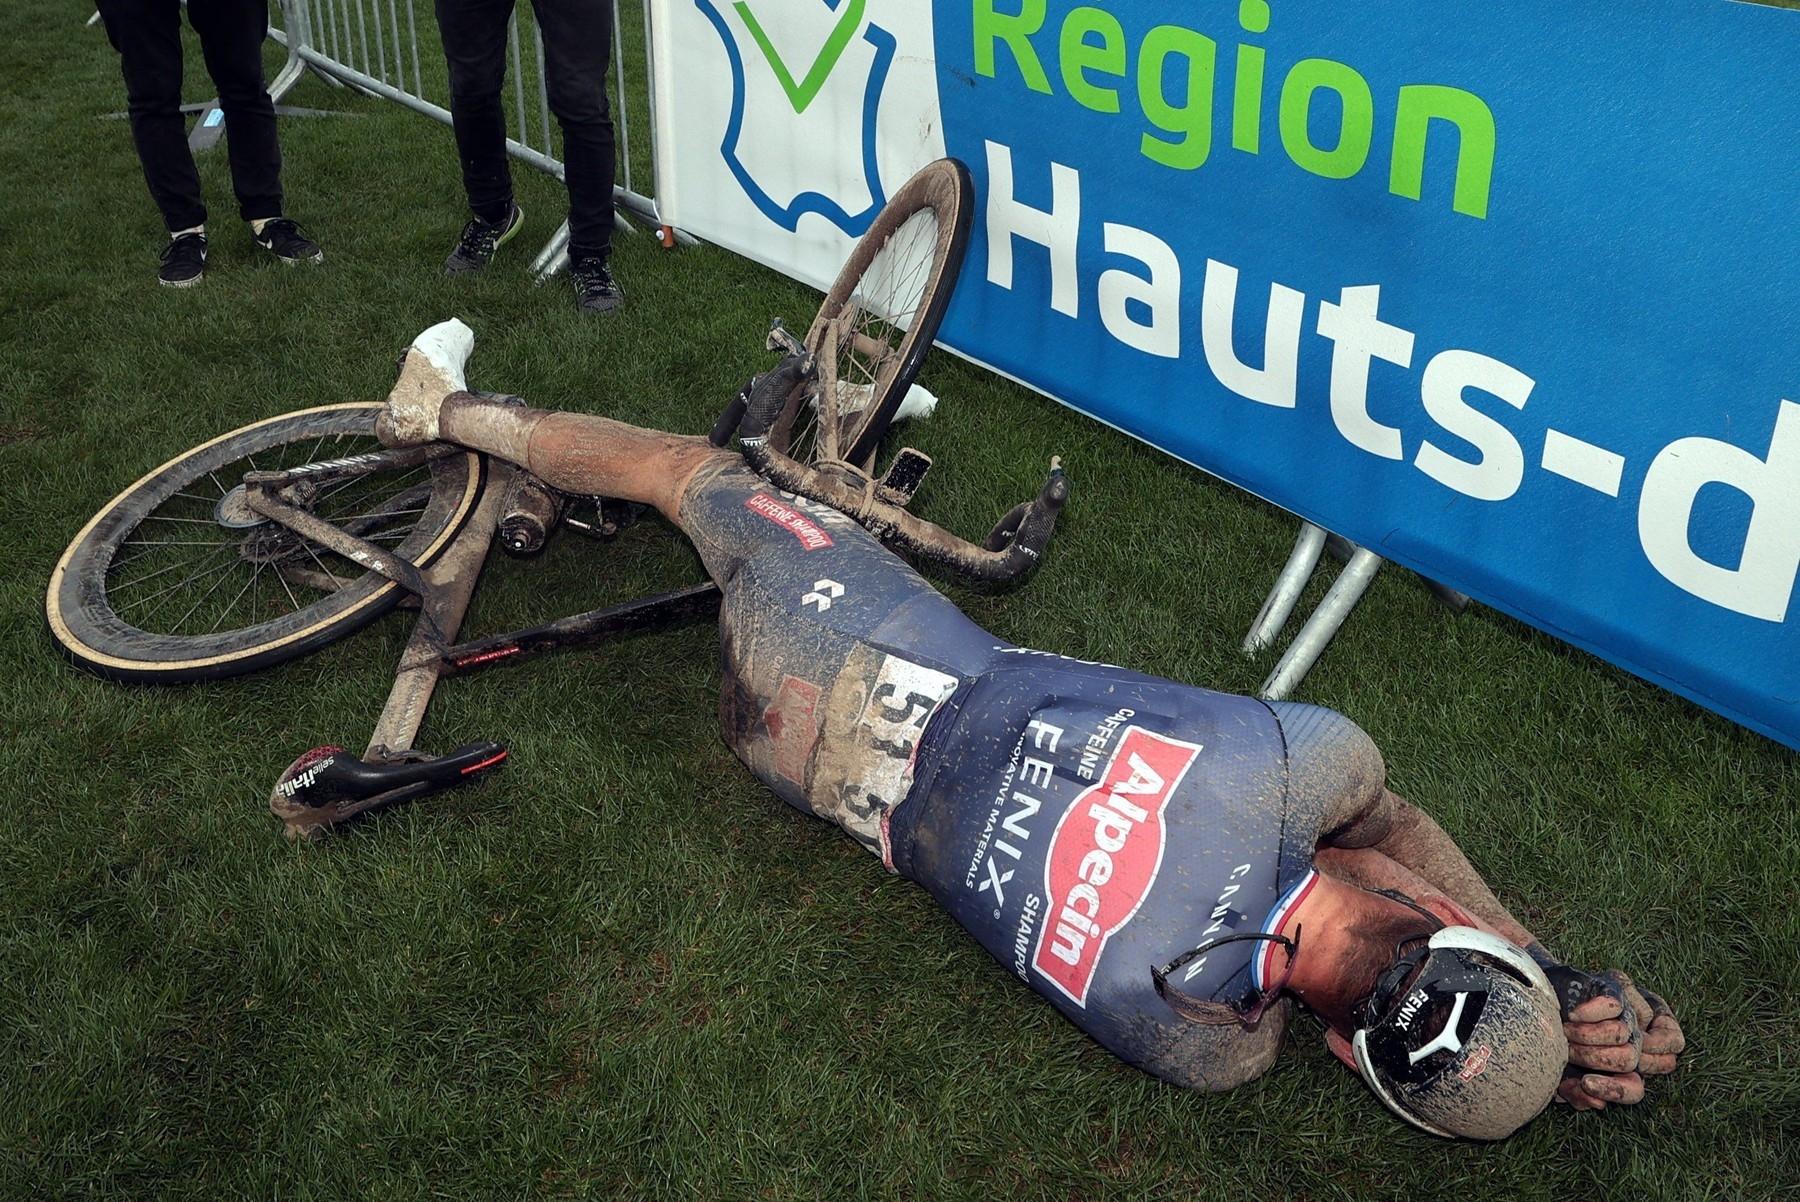 Mathieu van der Poel a jeho totální vyčerpání v cíli Paříž-Roubaix 2021.